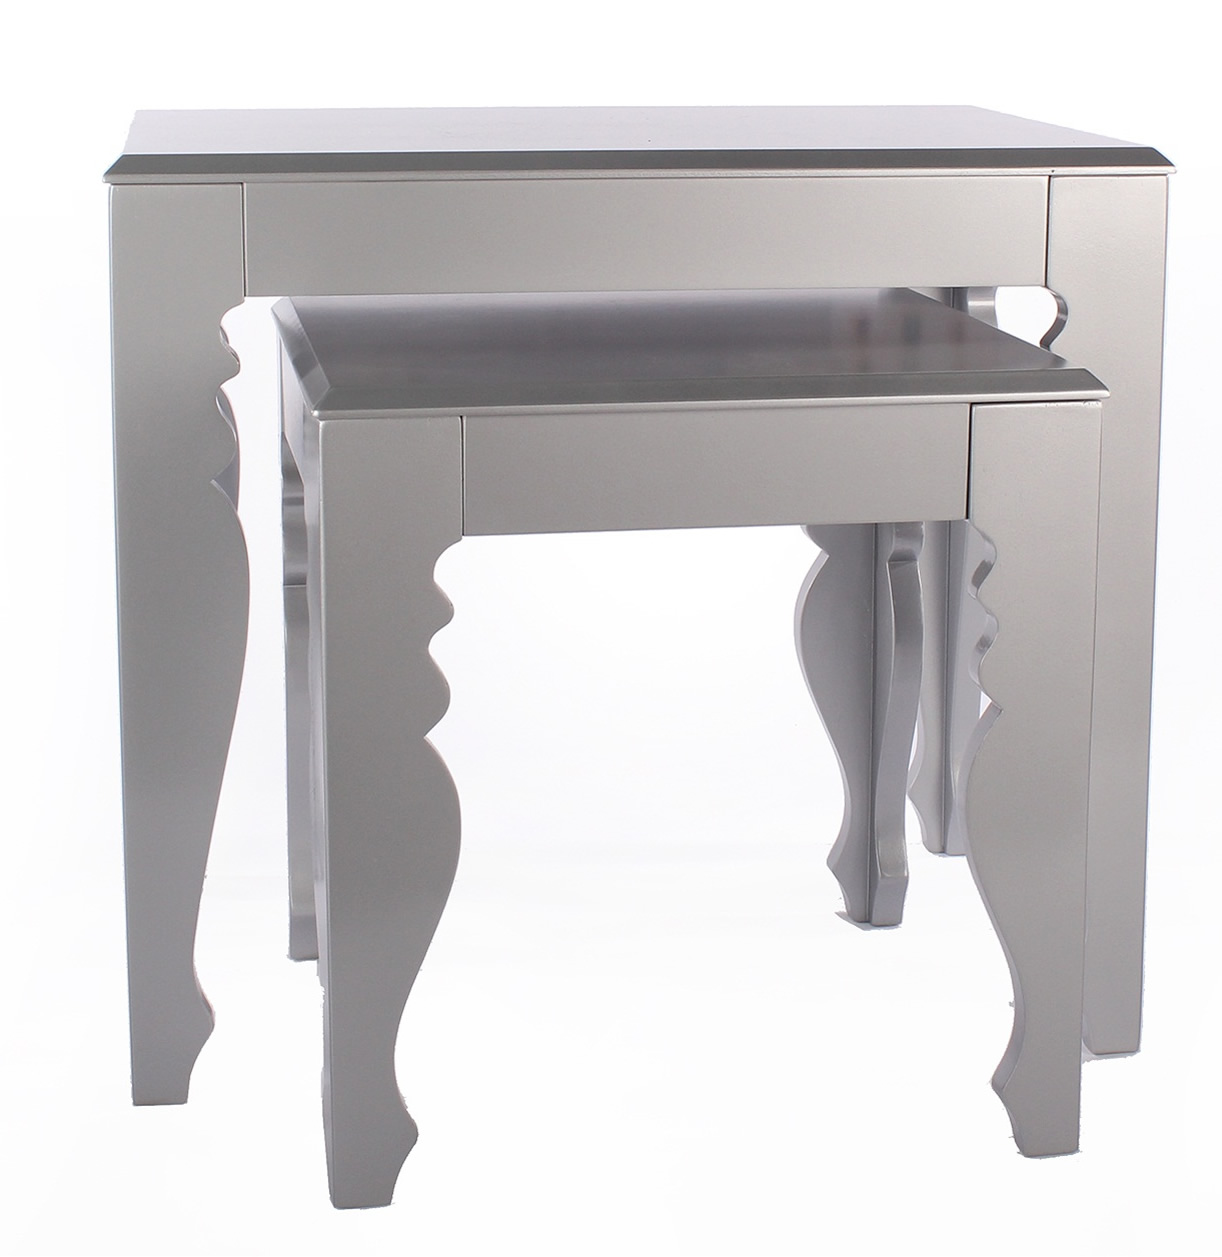 TABLES-GIGOGNES-DECOR-PARENT-decorer-salon-tables-table-tables-basses-tables-a-cafe-decoration_design_interieur_ameublement_quebec_canada